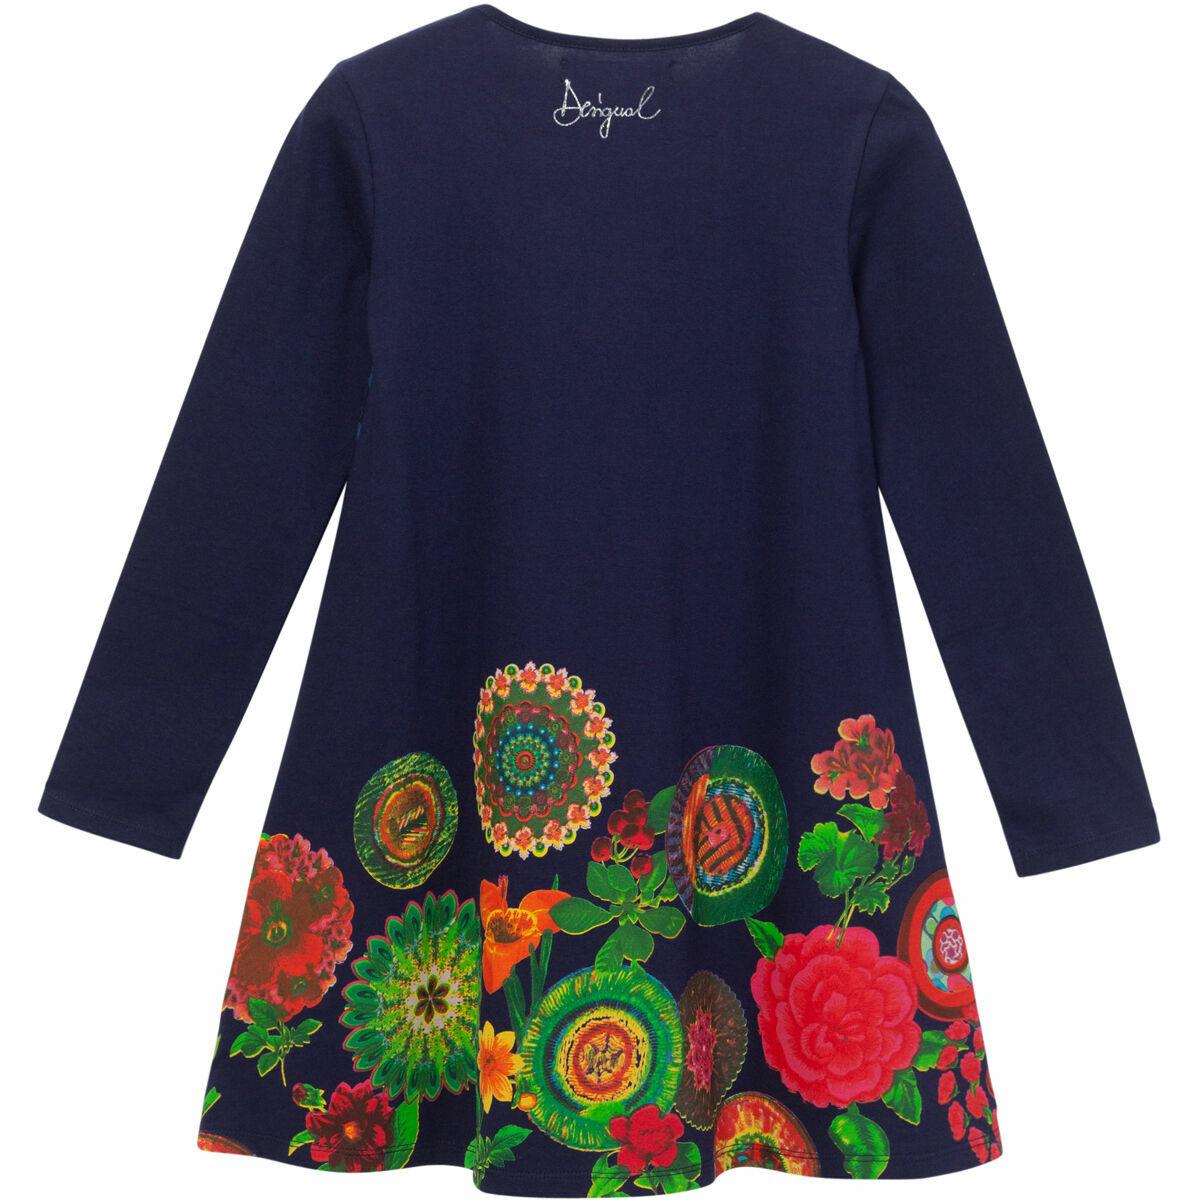 Bild 2 von Desigual Kleid, floral, Mustermix, für Mädchen